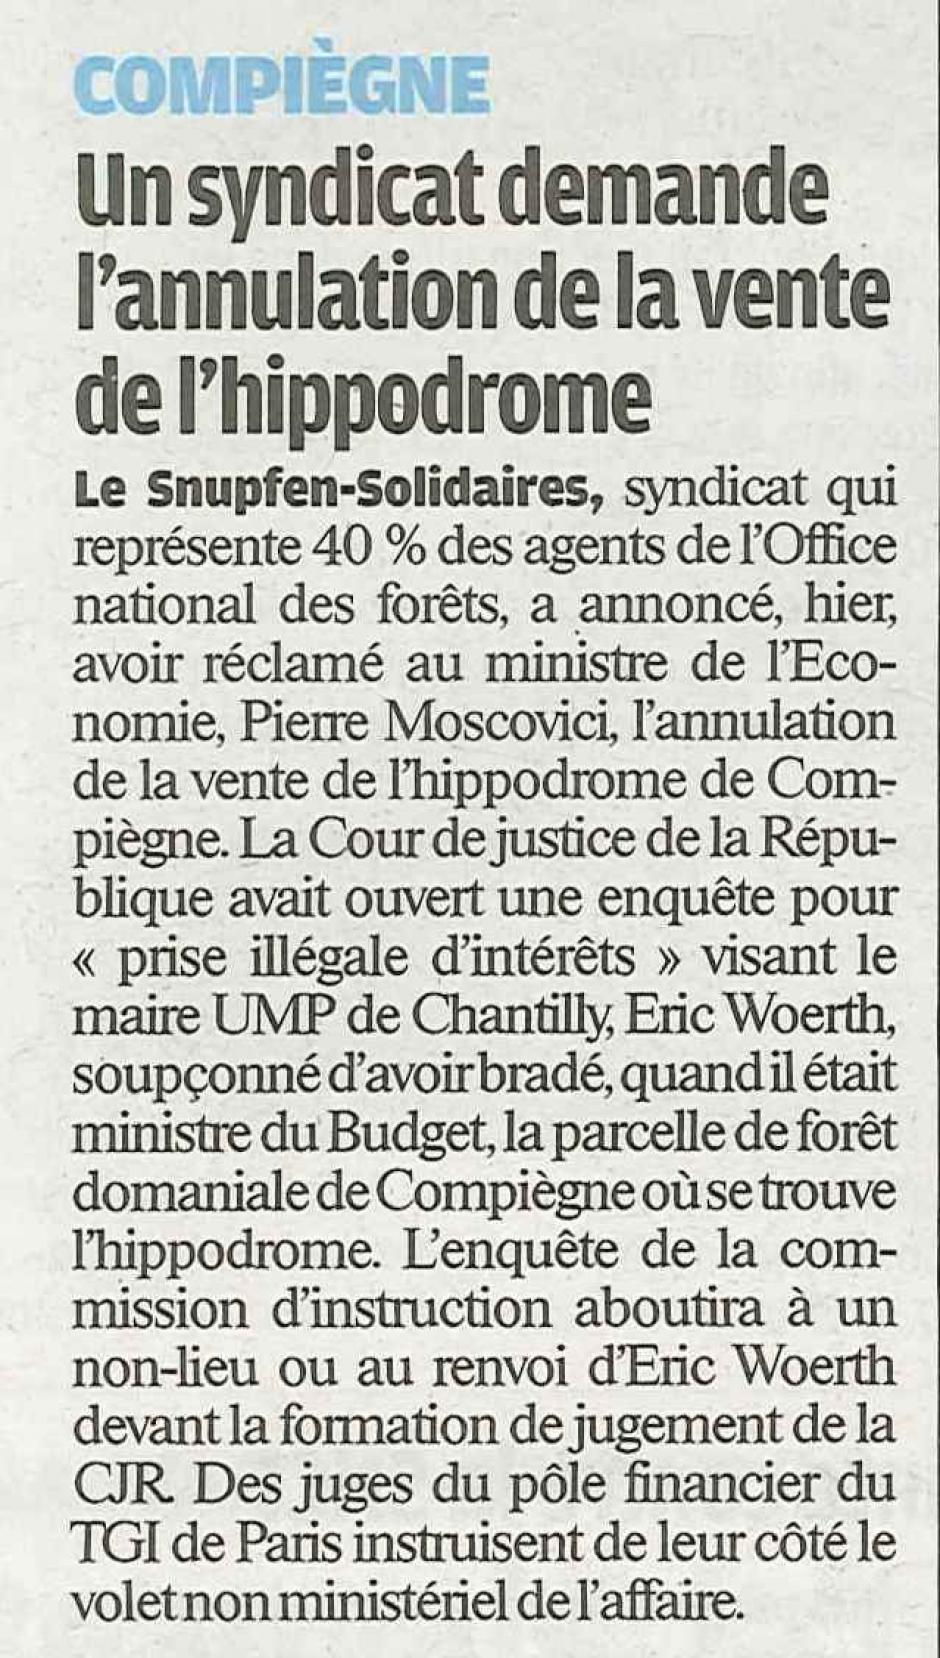 20120602-LeP-Compiègne-Le Snupfen-Solidaires demande l'annulation de la vente de l'hippodrome